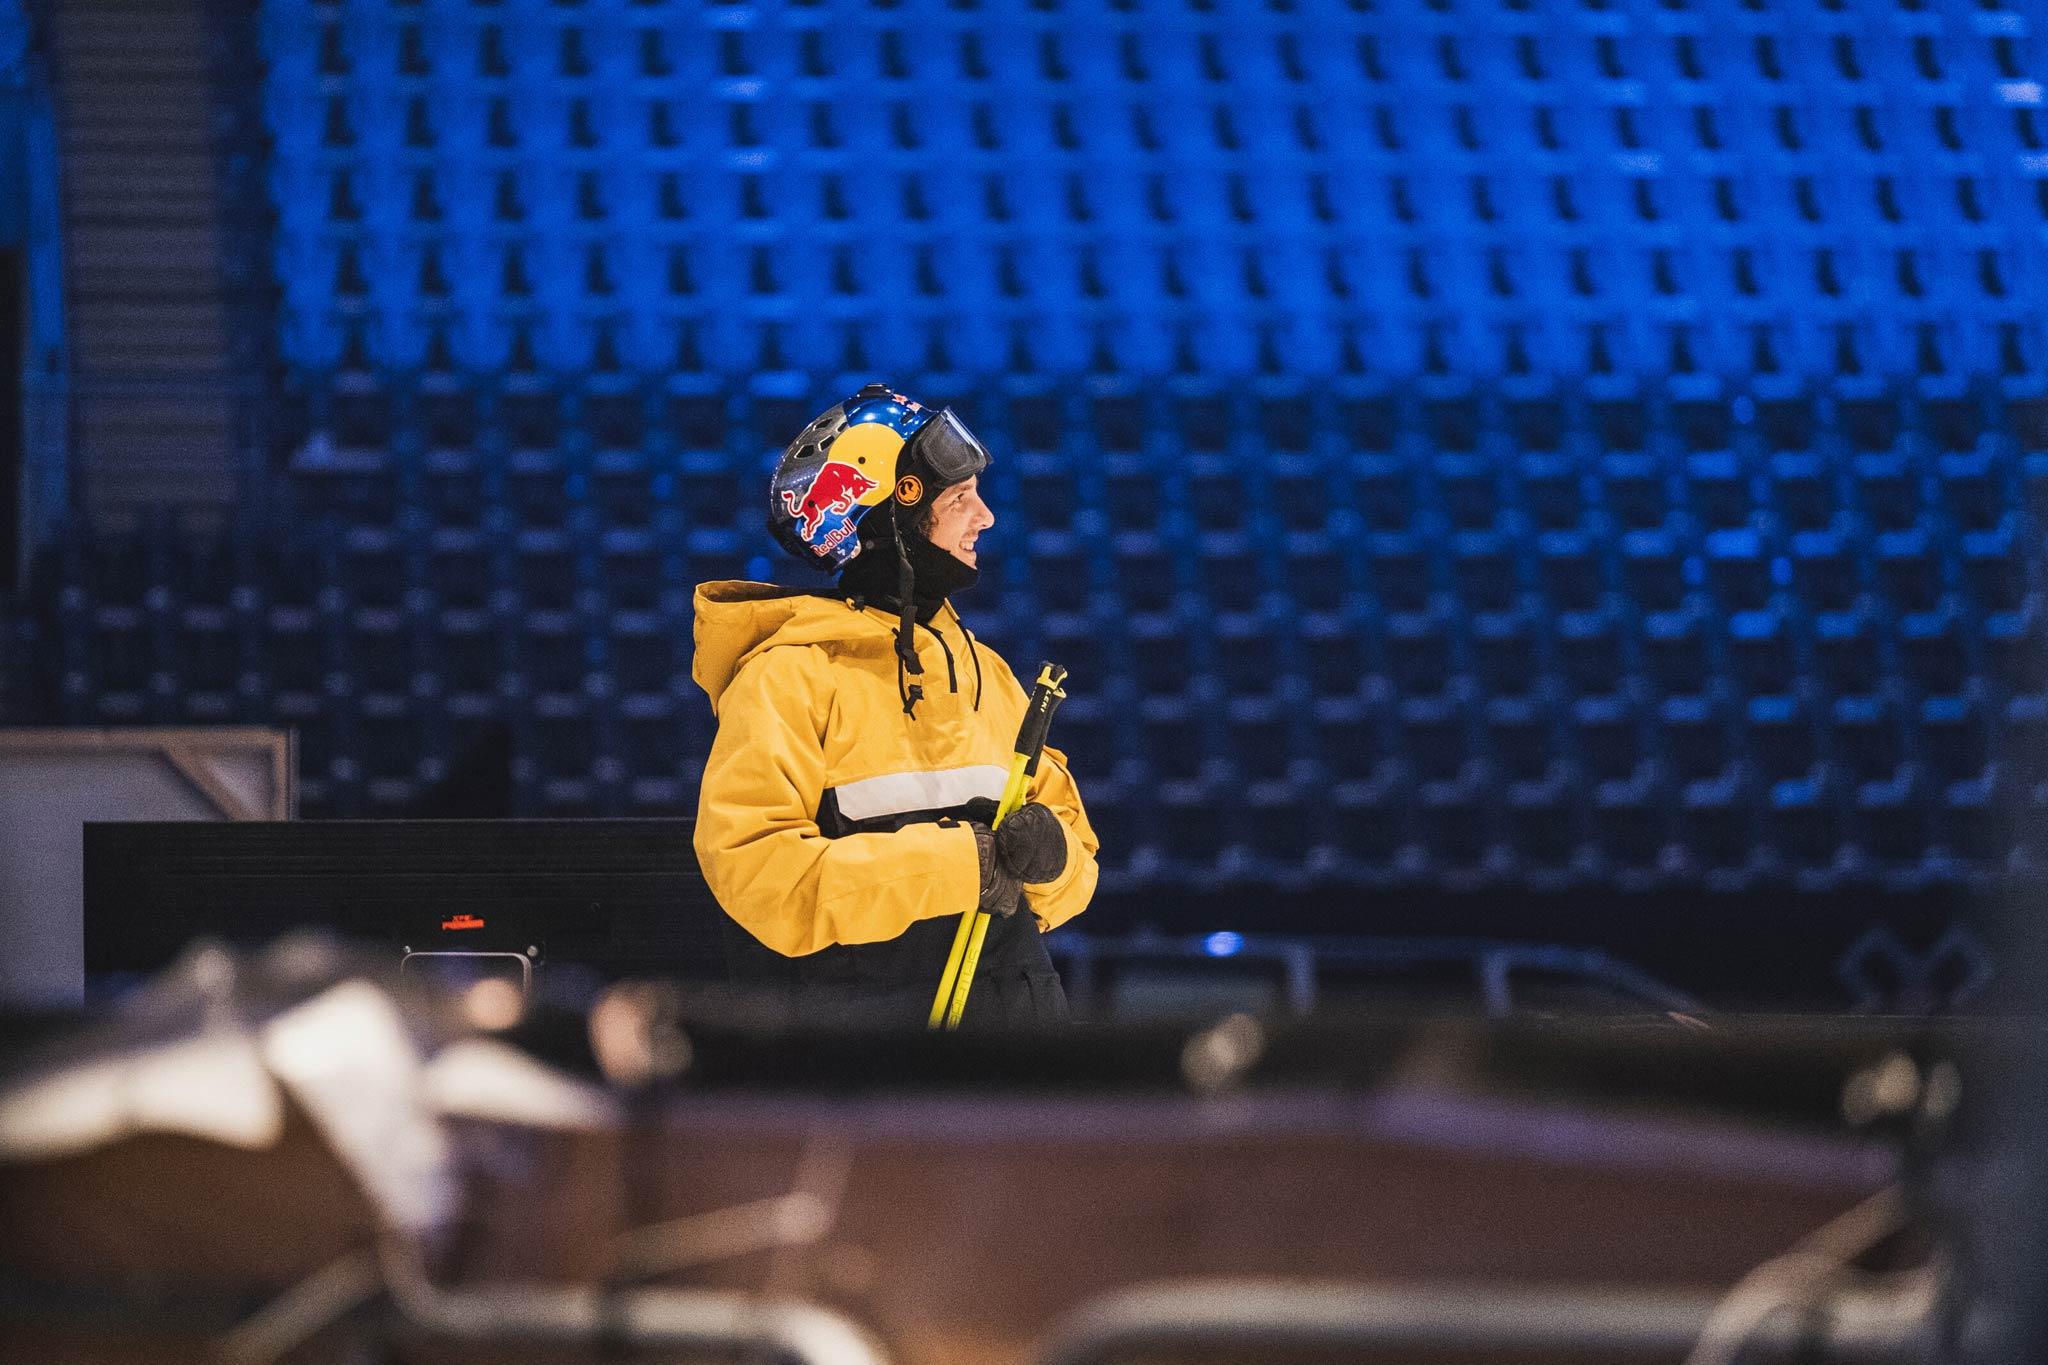 Schaffte es ebenfalls nicht in das Finale der besten Männer: Der Schwede Jesper Tjader. - Foto: Red Bull Content Pool